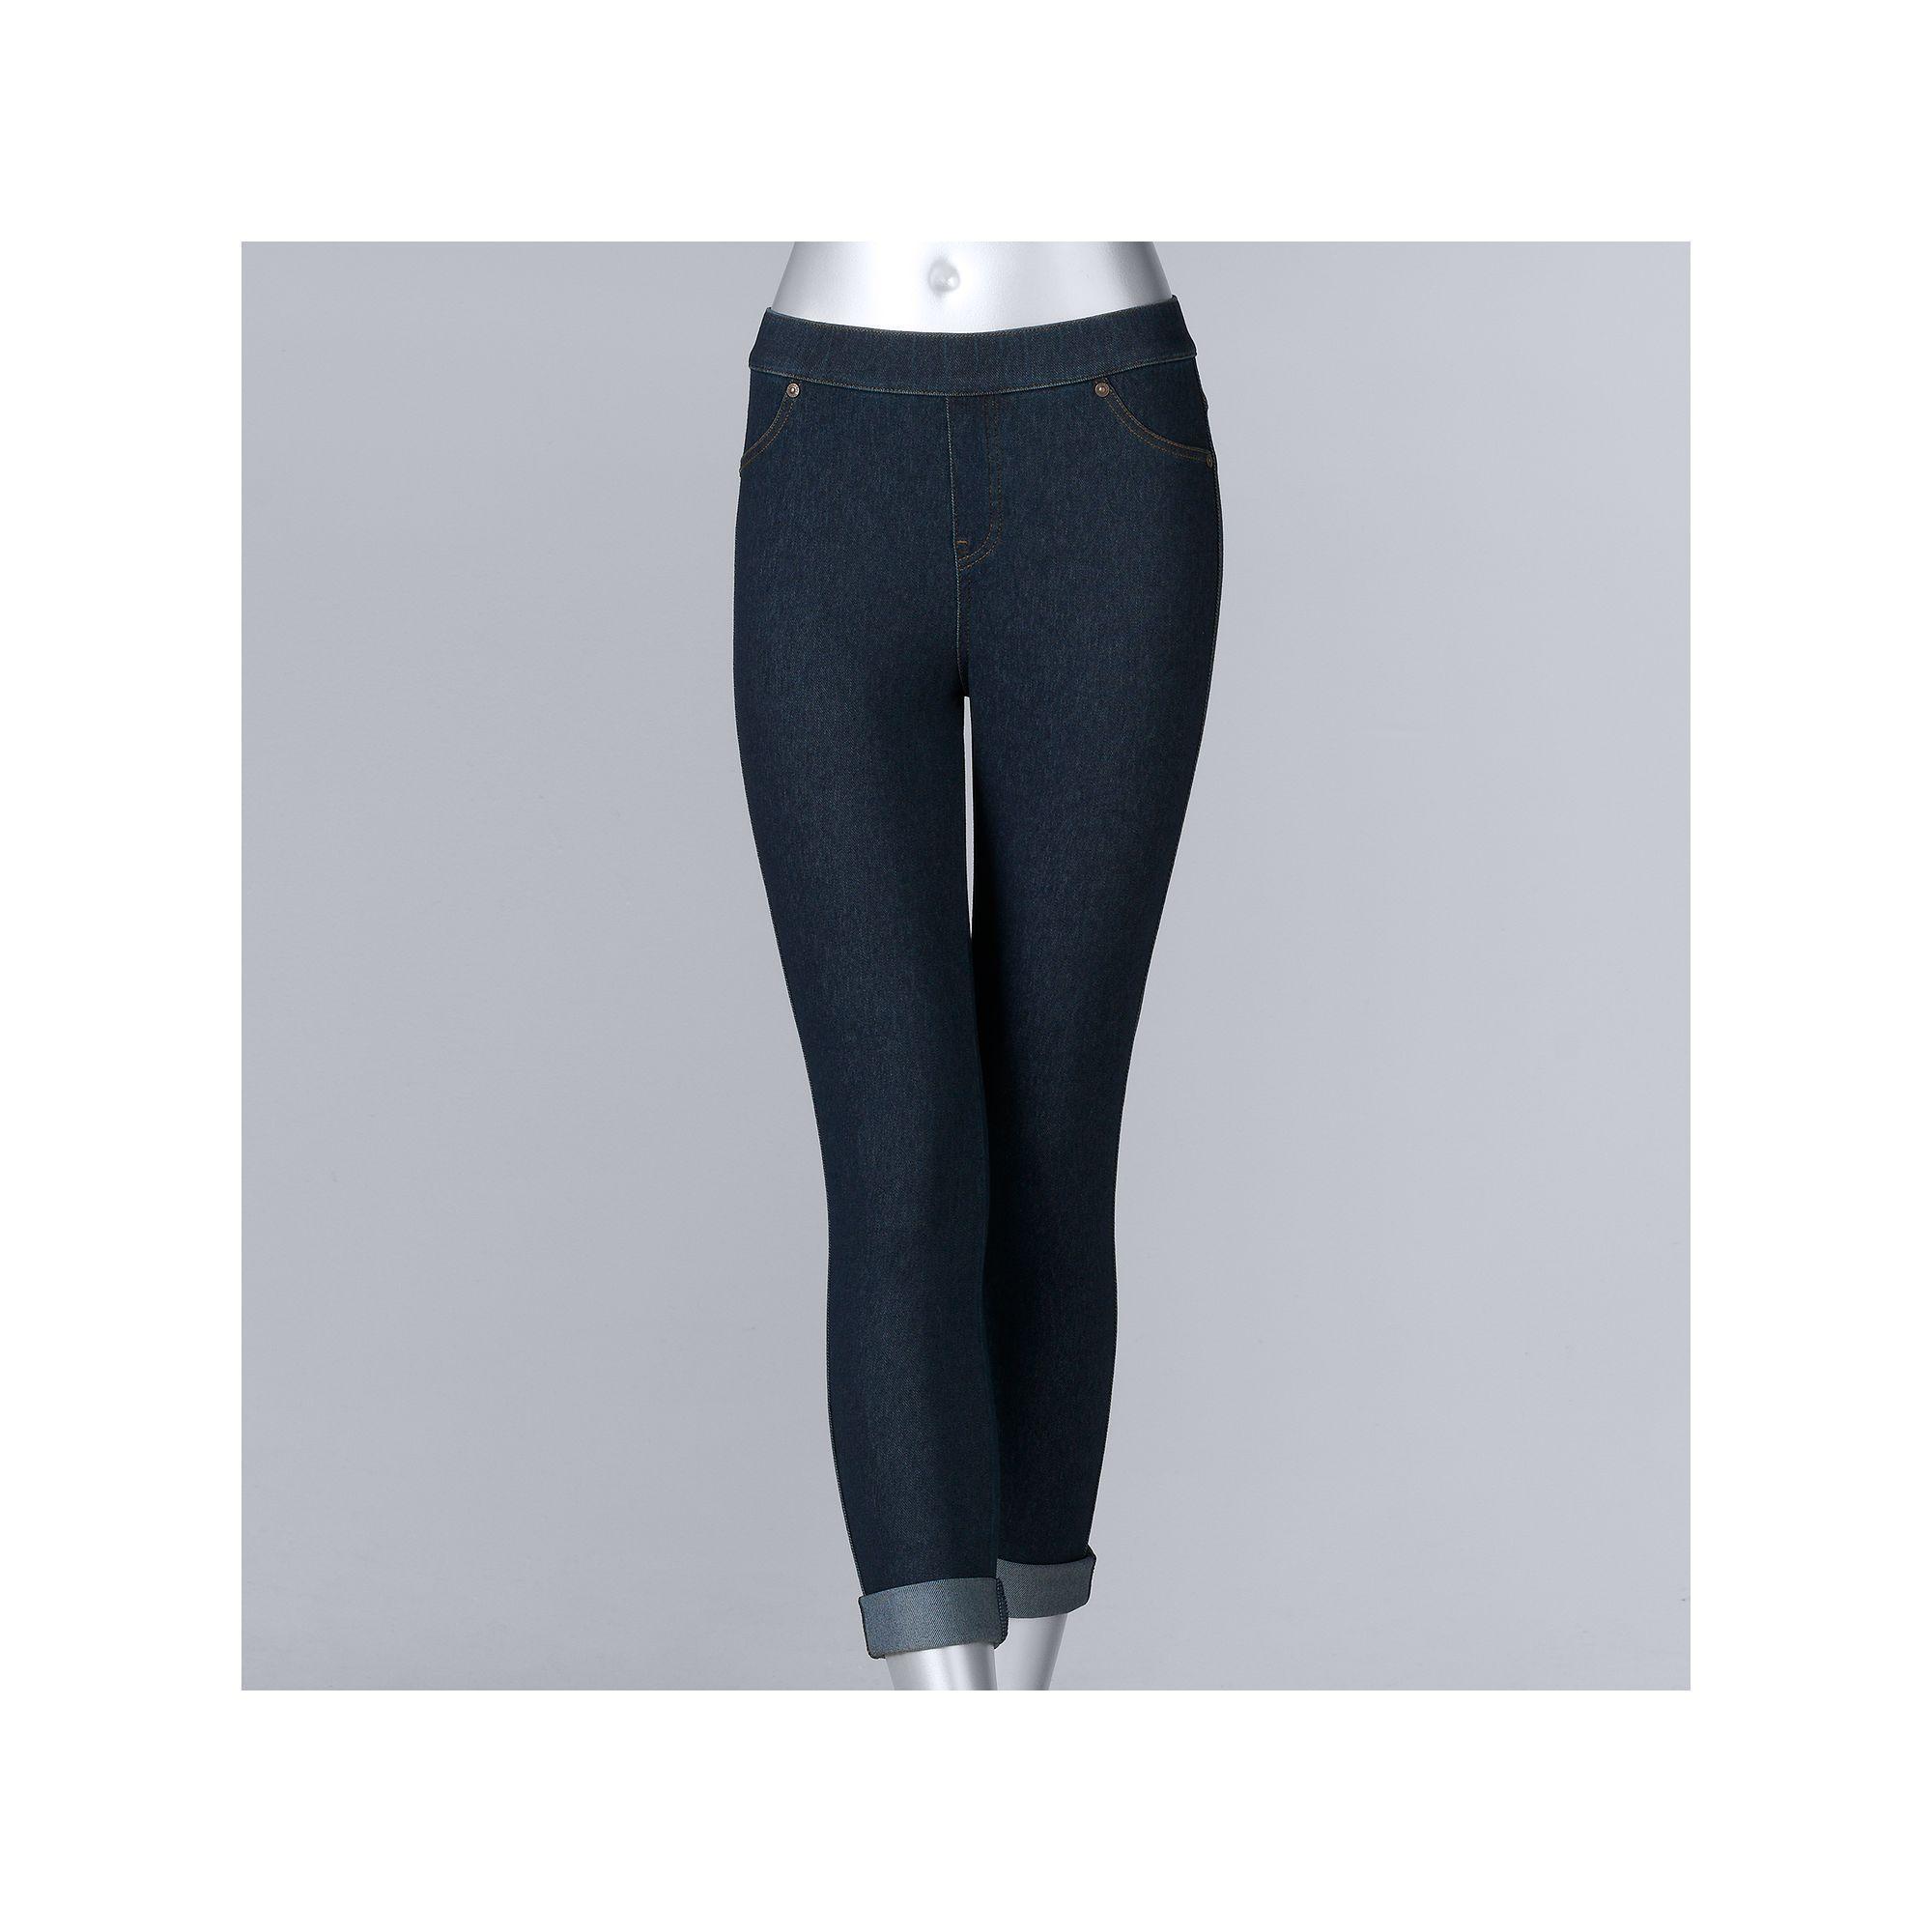 46b29c3d6a2c6 Women's Simply Vera Vera Wang Cuffed Denim Capri Leggings | Products |  Pinterest | Capri leggings, Simply vera and Vera wang